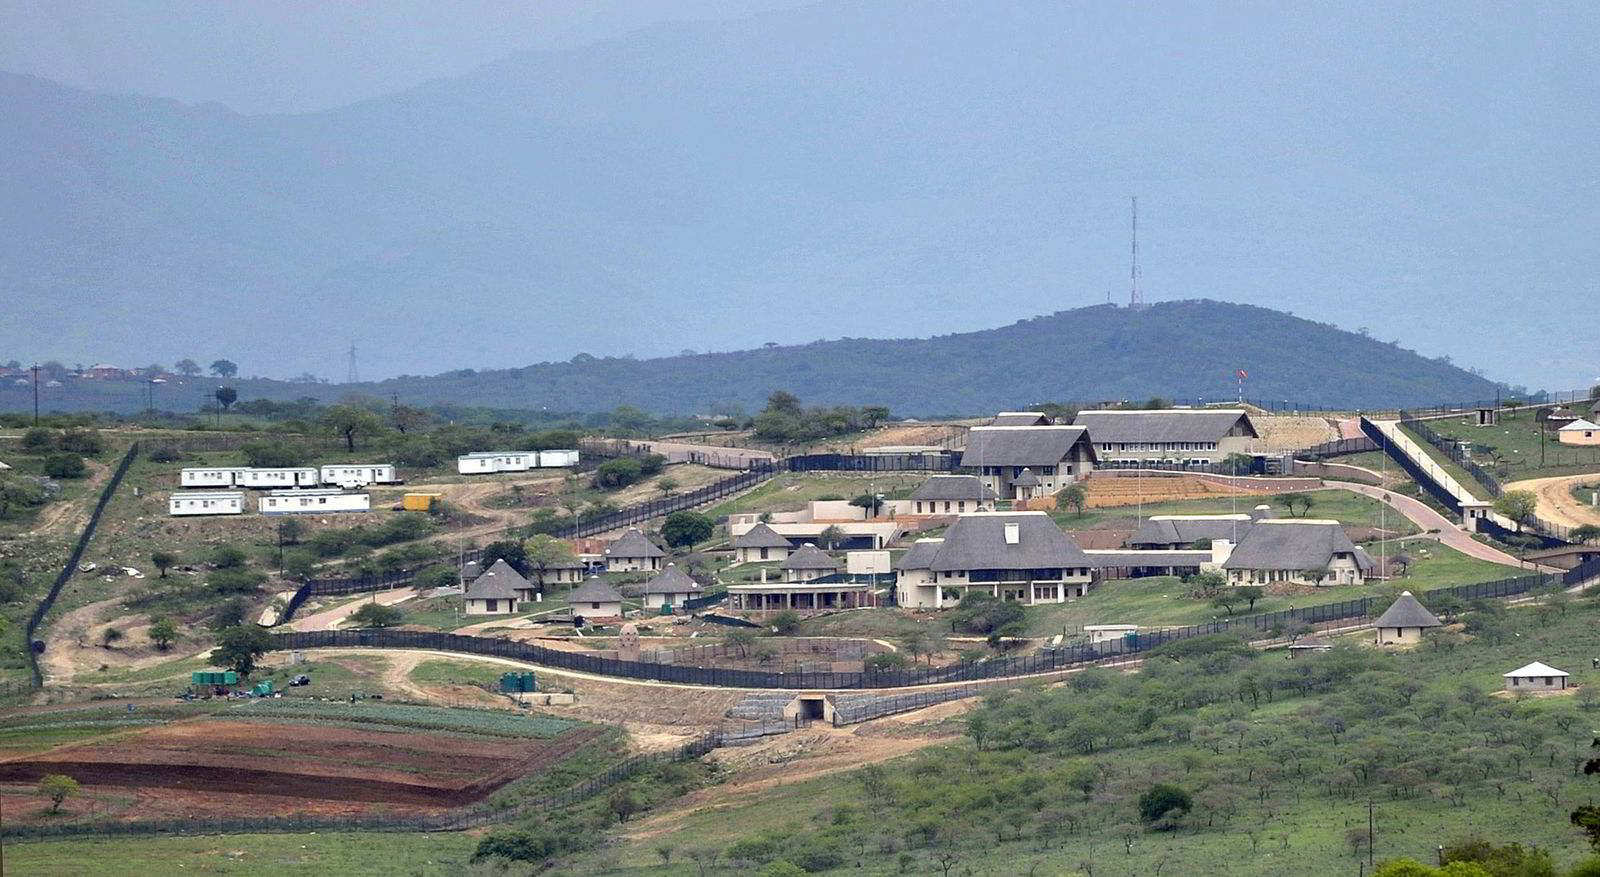 Det er denne boligen Zuma har brukt skattepenger tilsvarende flere hundre millioner kroner på å pusse opp. Presidenten har sagt seg villig til  betale tilbake deler av beløpet. Bilde fra 2012. Foto: AP Photo/NTB Scanpix